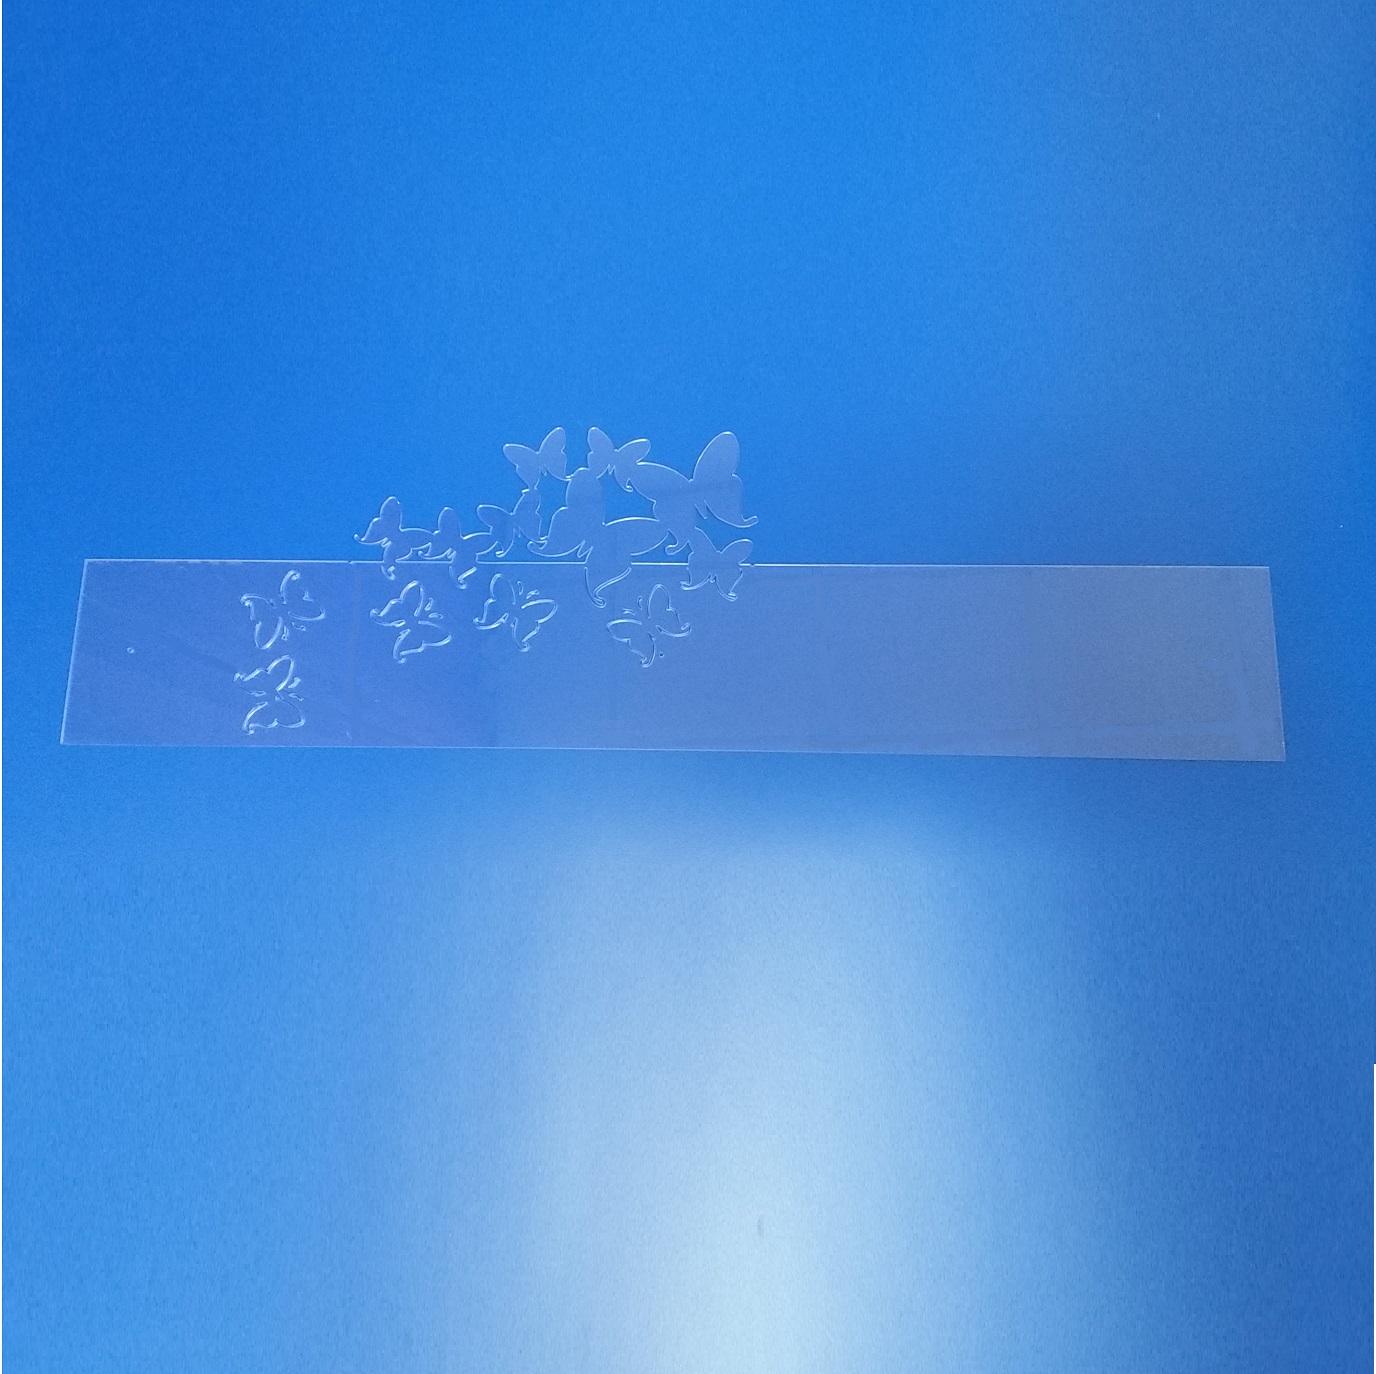 Paracolpi Sedie Ufficio.Paracolpi Battisedia Proteggi Muro In Plexiglass Con